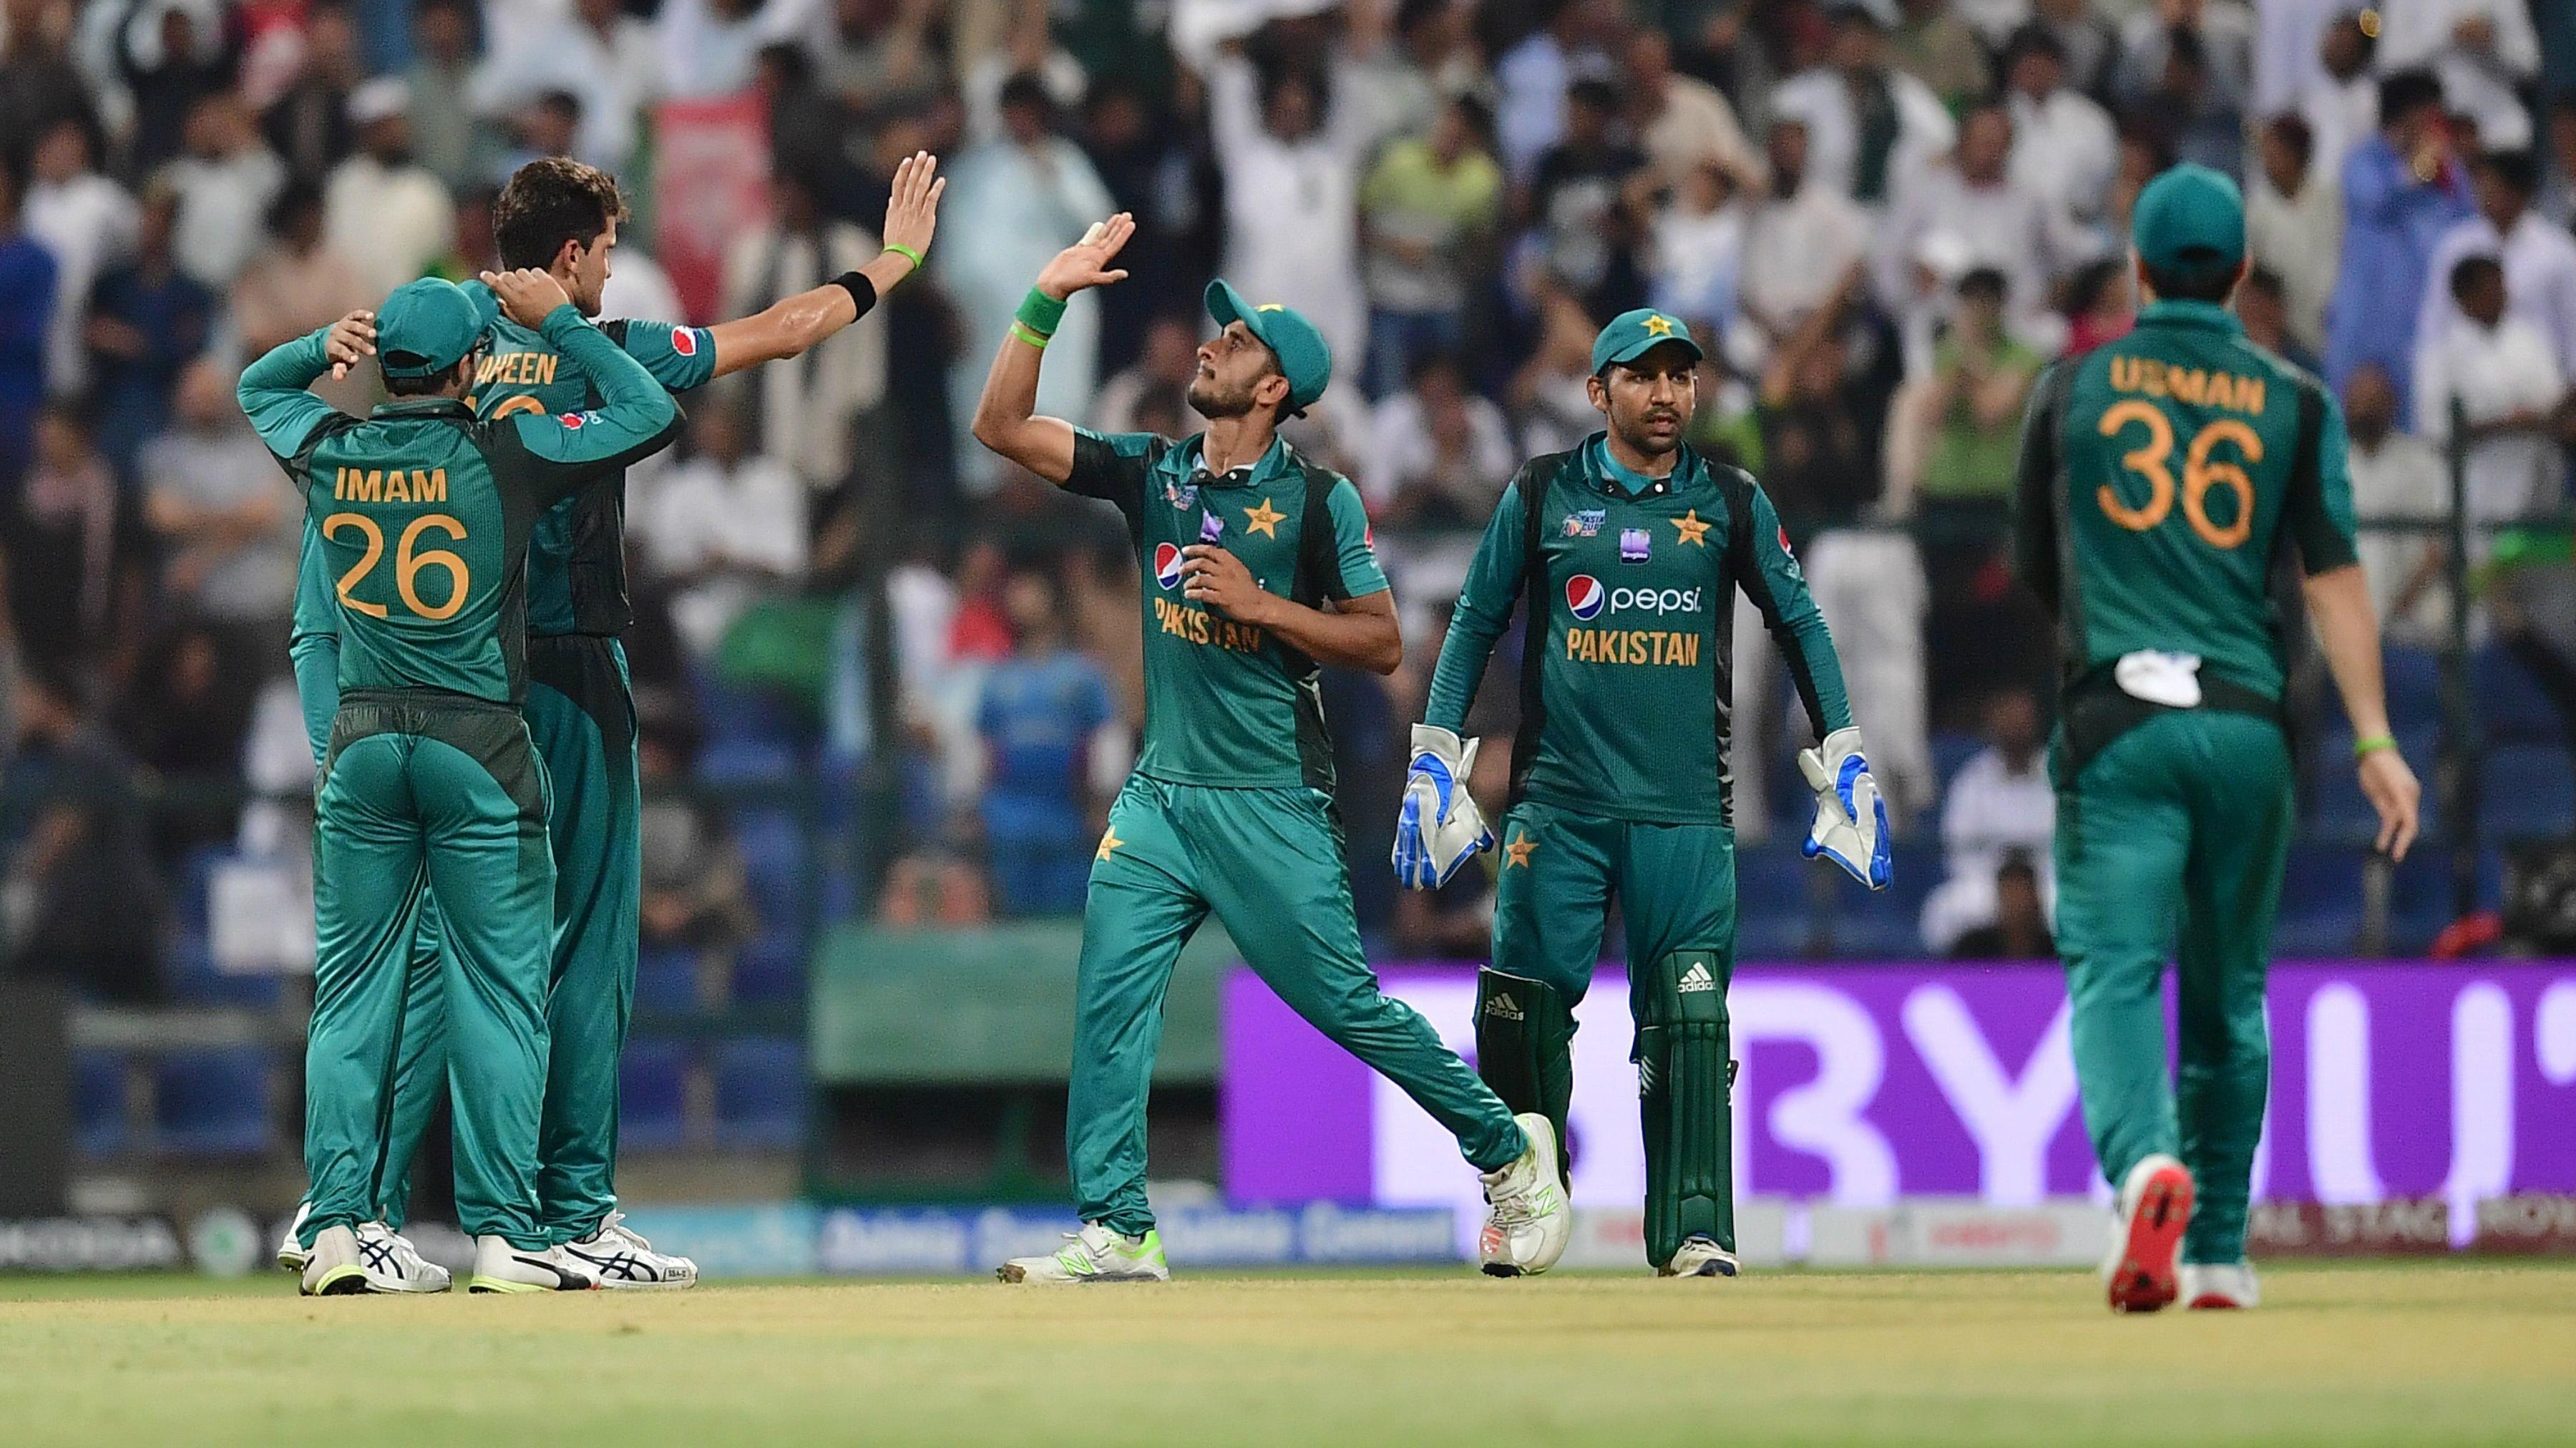 Bangladesh Meet Pakistan To Set Up Date With India